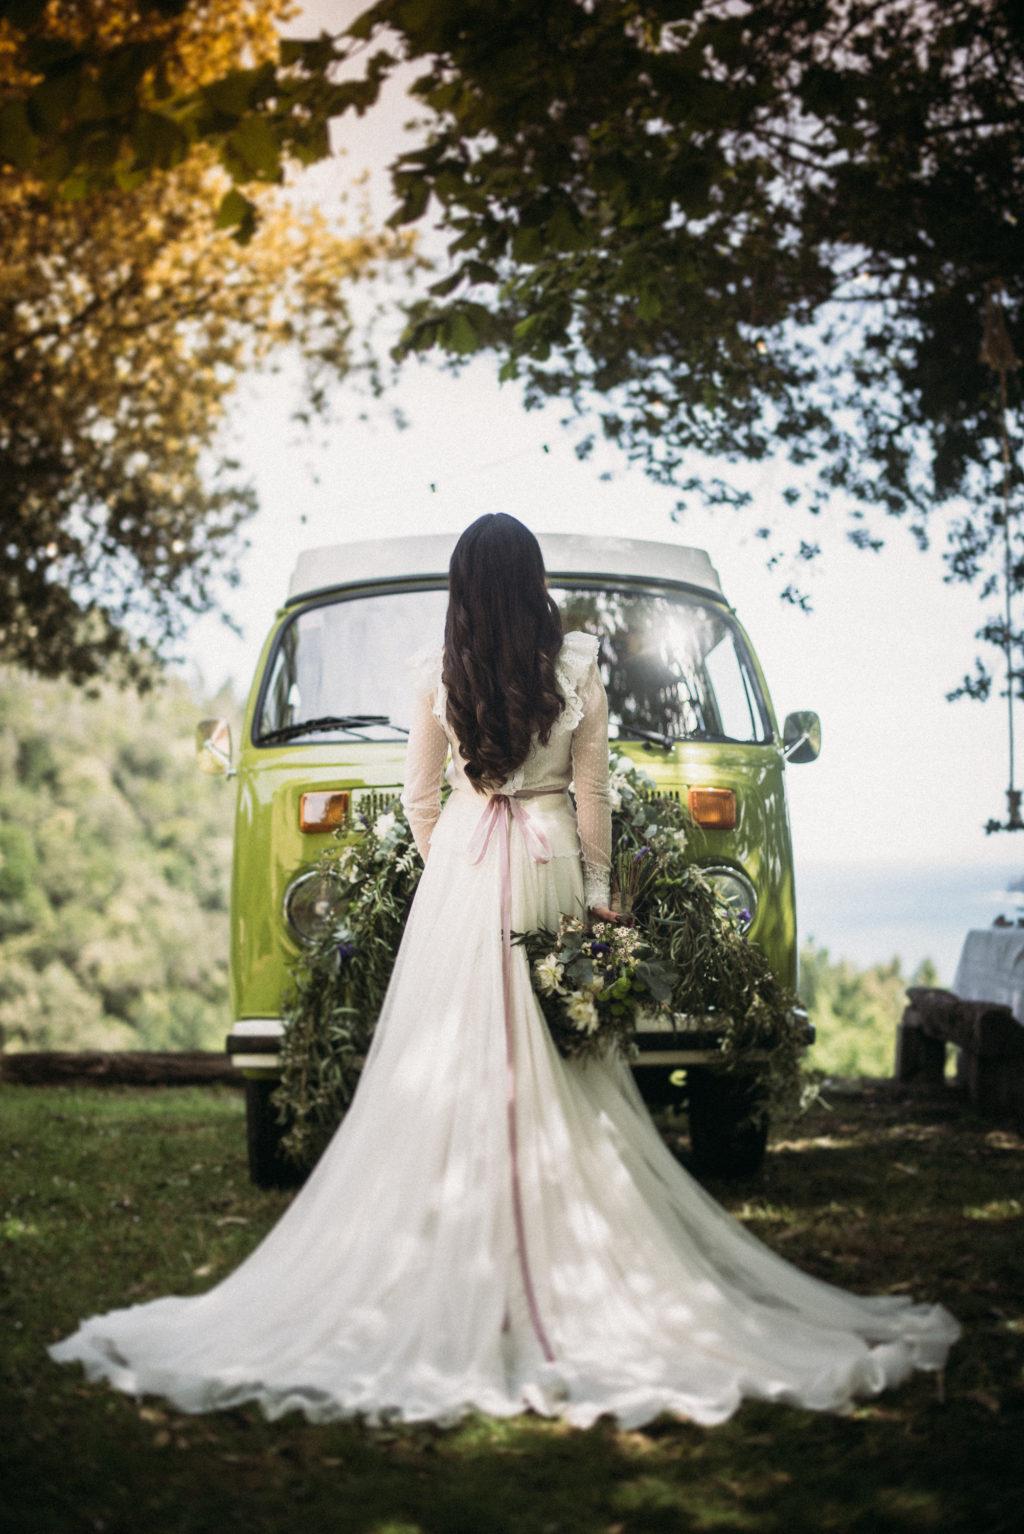 Pia Alvero fotografia editorial inspiracion de boda 295 - Un Viaje en el Tiempo